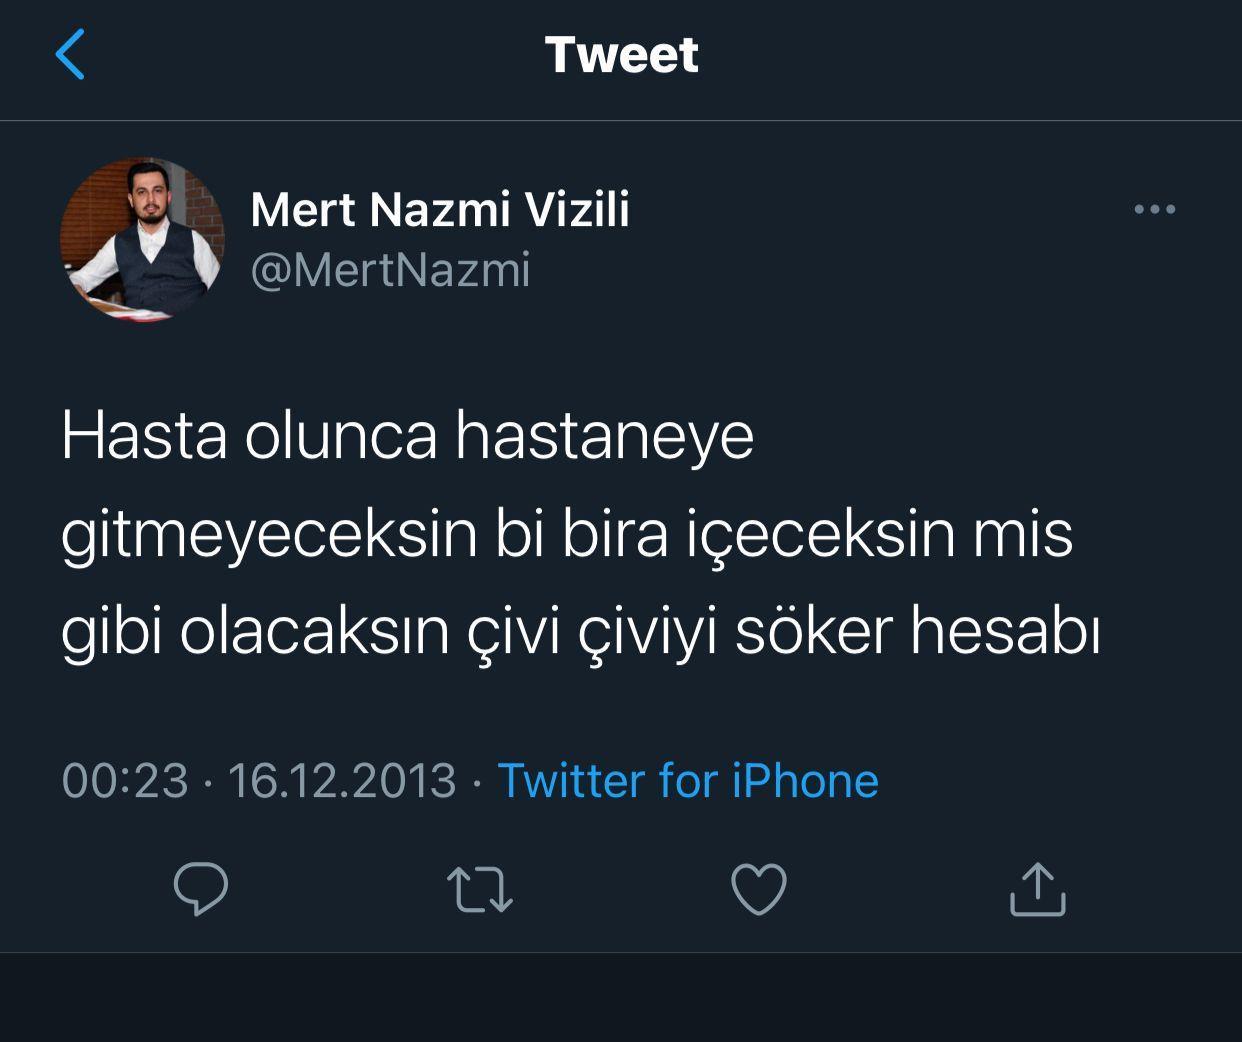 AKP Gençlik Kolları Başkanı'nın AKP'yi eleştiren eski paylaşımları ortaya çıktı!